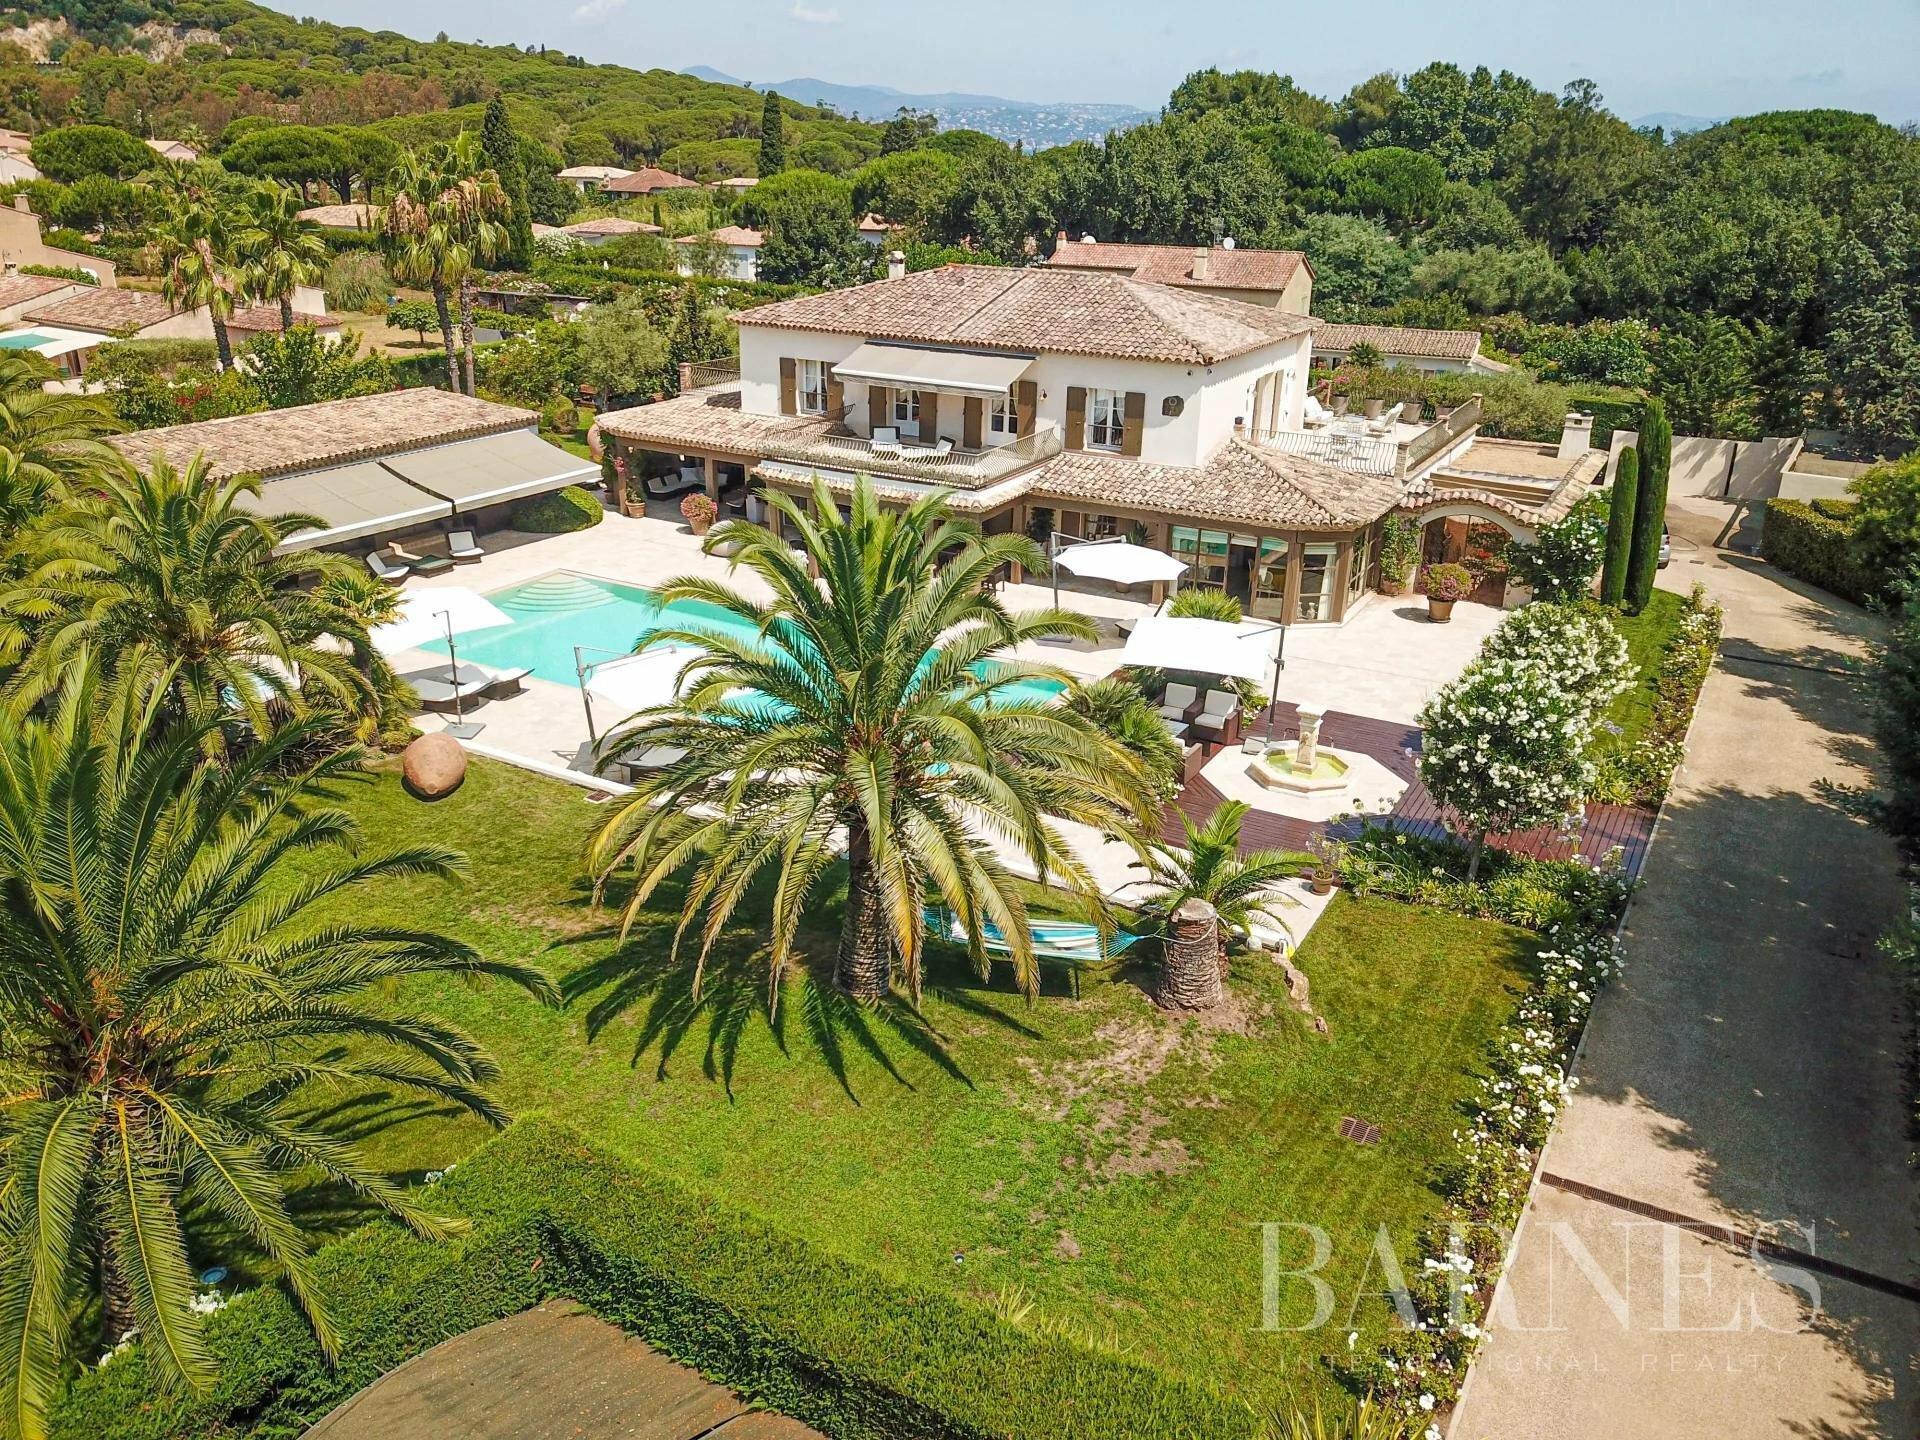 Villa in Saint-Tropez, Provence-Alpes-Côte d'Azur, France 1 - 11595767